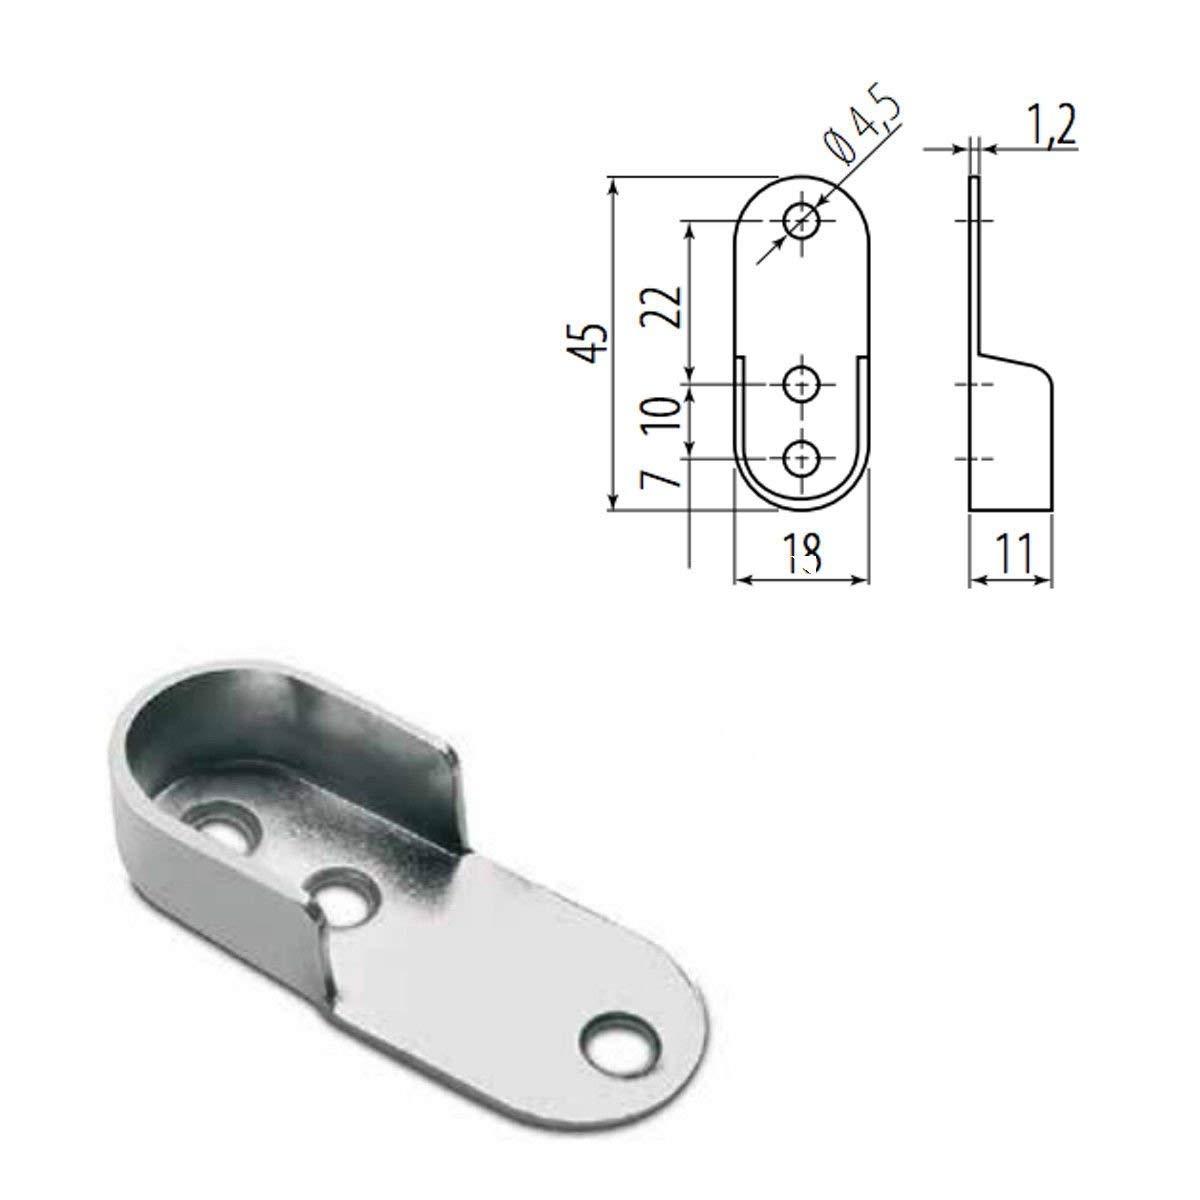 organizador de armario de corte a tama/ño Armario de barra ovalada con tubo de metal pulido para colgar soportes de extremo y tornillos MKGT/®